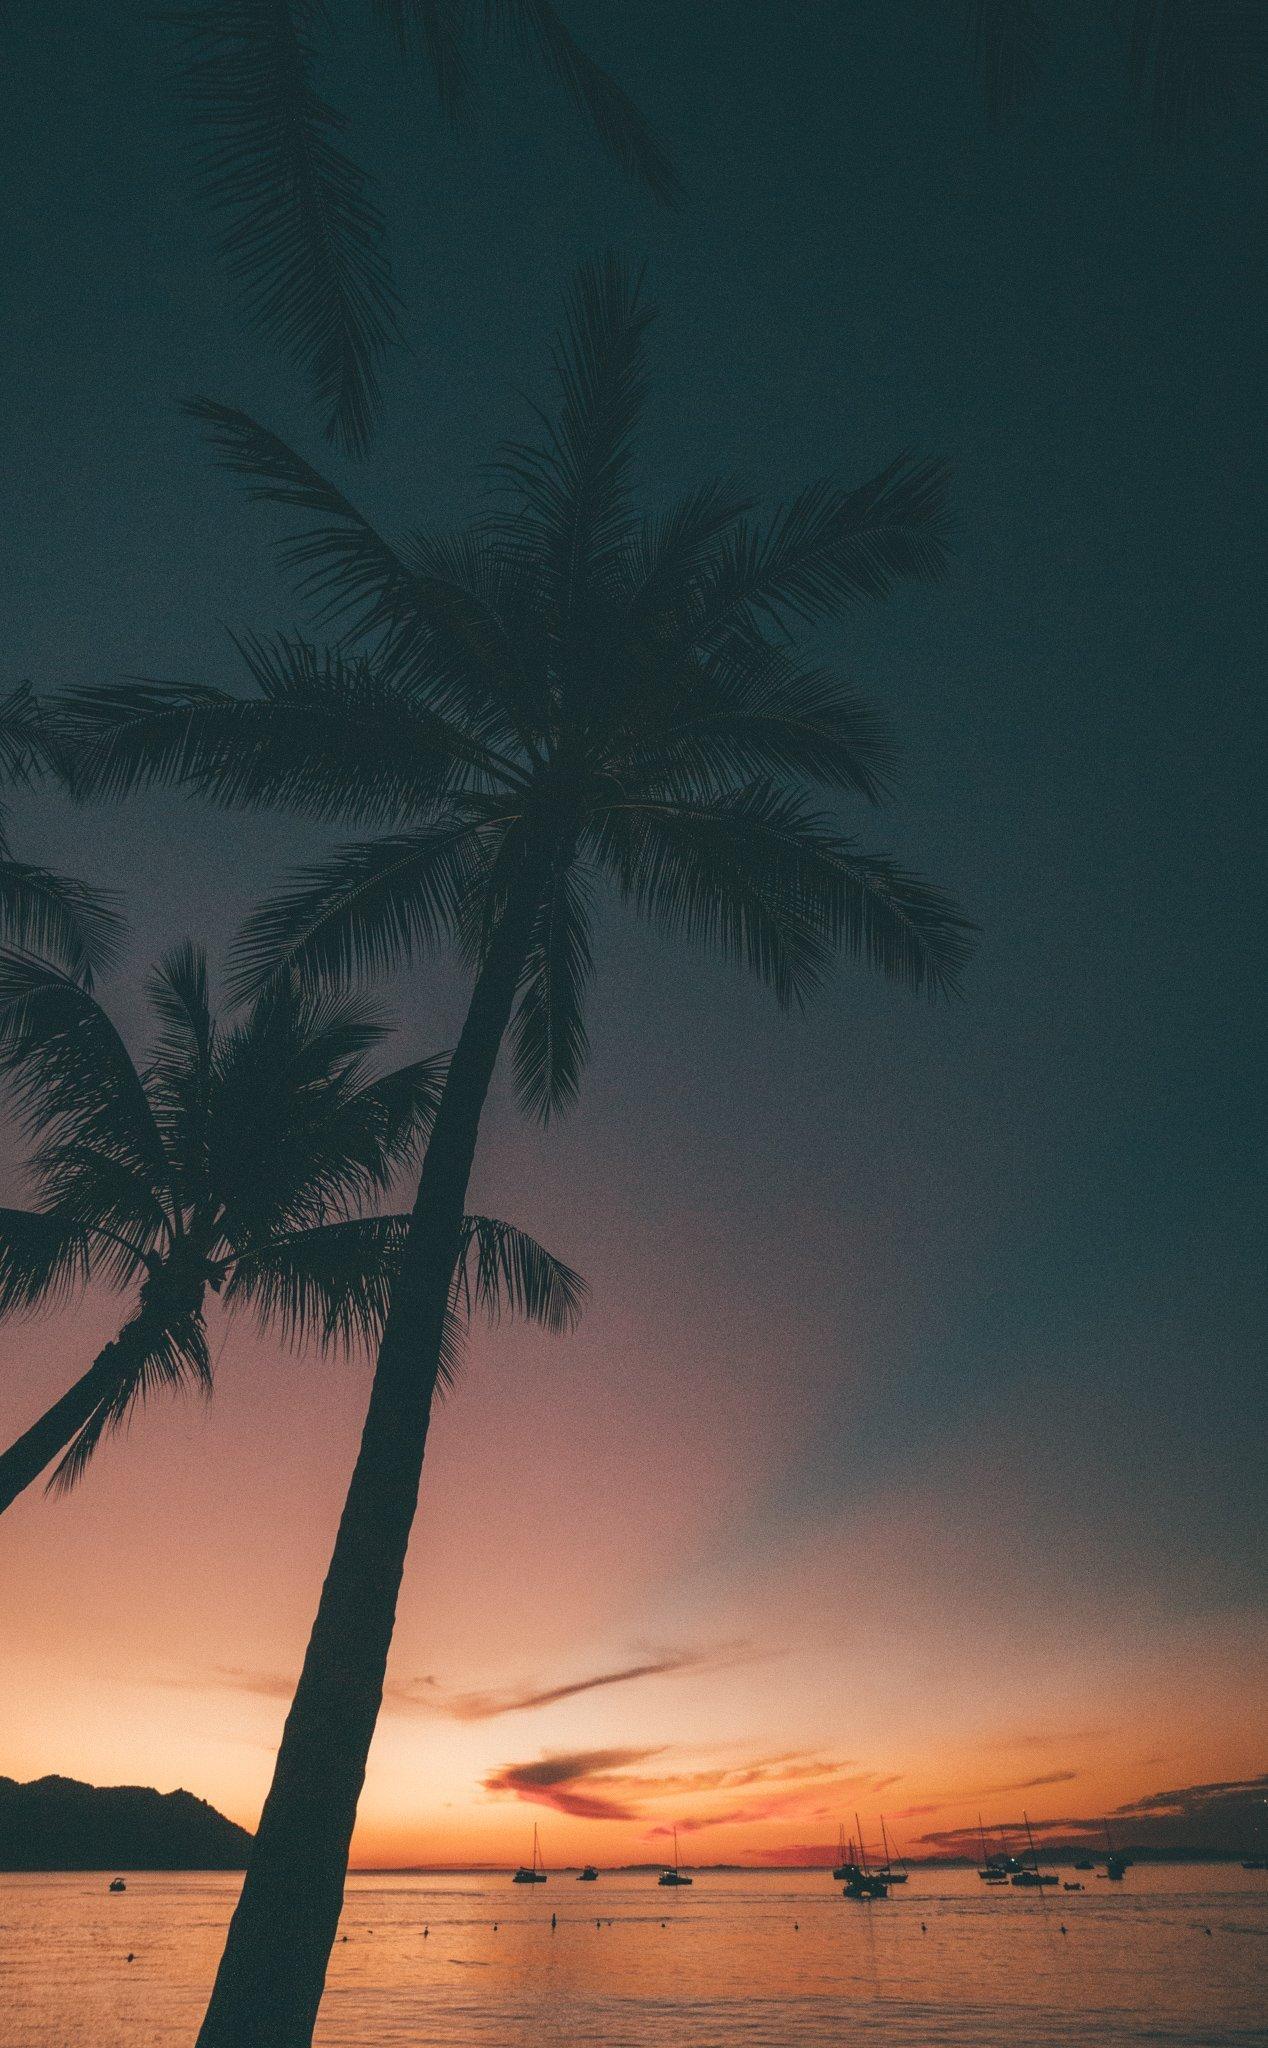 Magnetic Island Sunset Palms at HorseShoe Bay